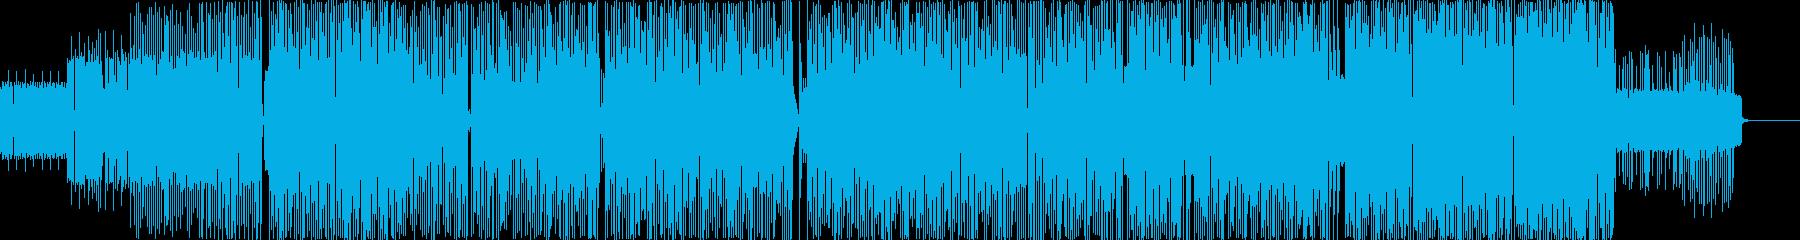 色々なメロディが入り乱れるピコピコ曲の再生済みの波形